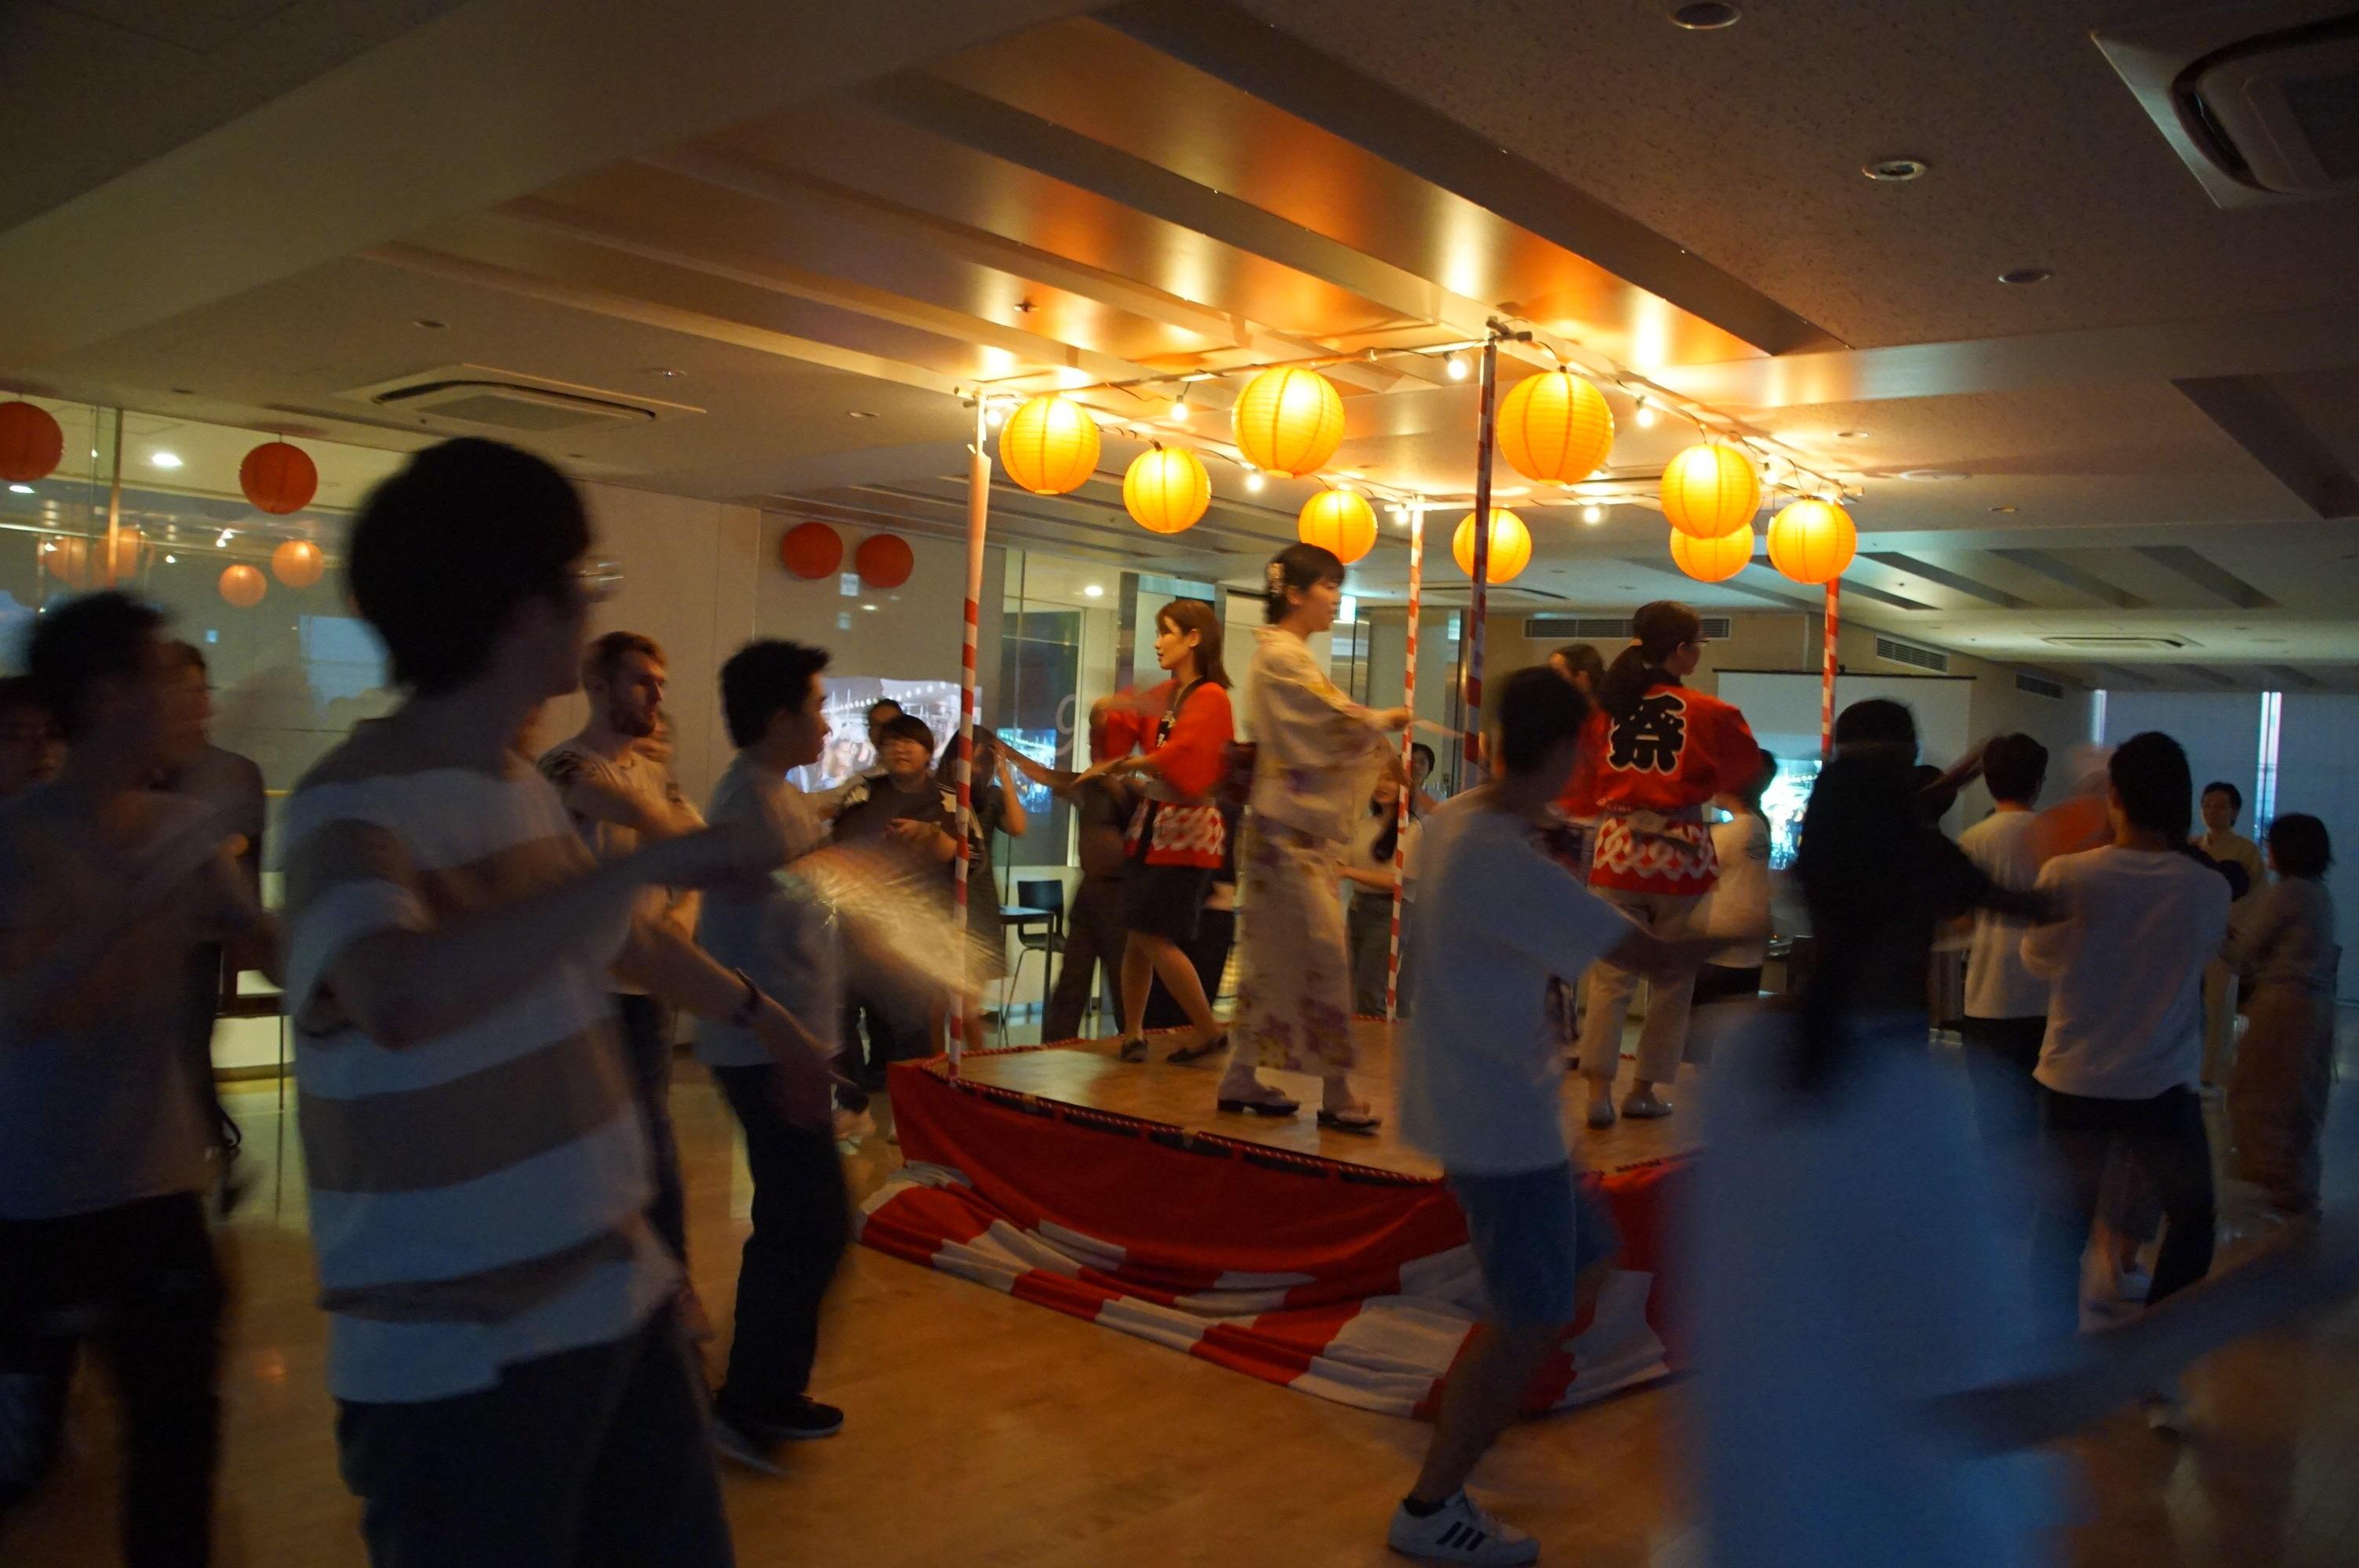 拓殖大学 日本文化体験講座「拓殖インターナショナル盆踊り大会」を開催